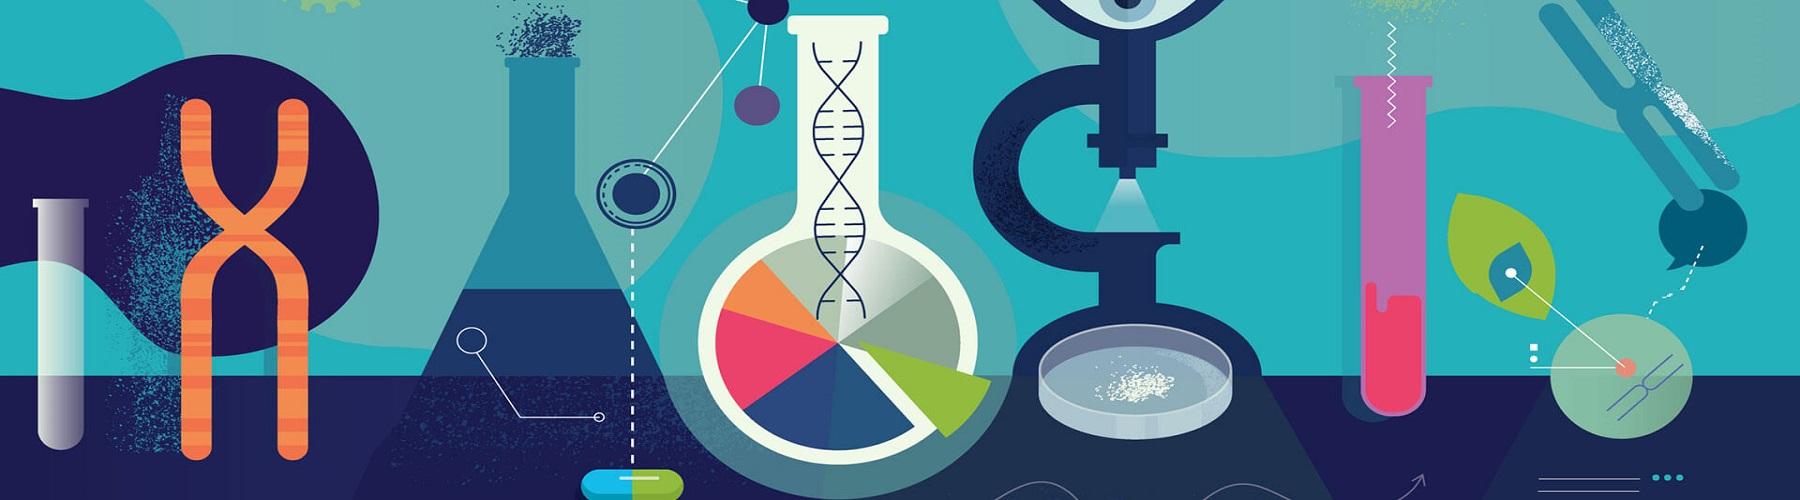 Πανδημία Pfizer: Ξεκινά τη Φάση 2/3 της μελέτης για το στοματικό αντιικό covid-19 σε εκτεθειμένους ενήλικες